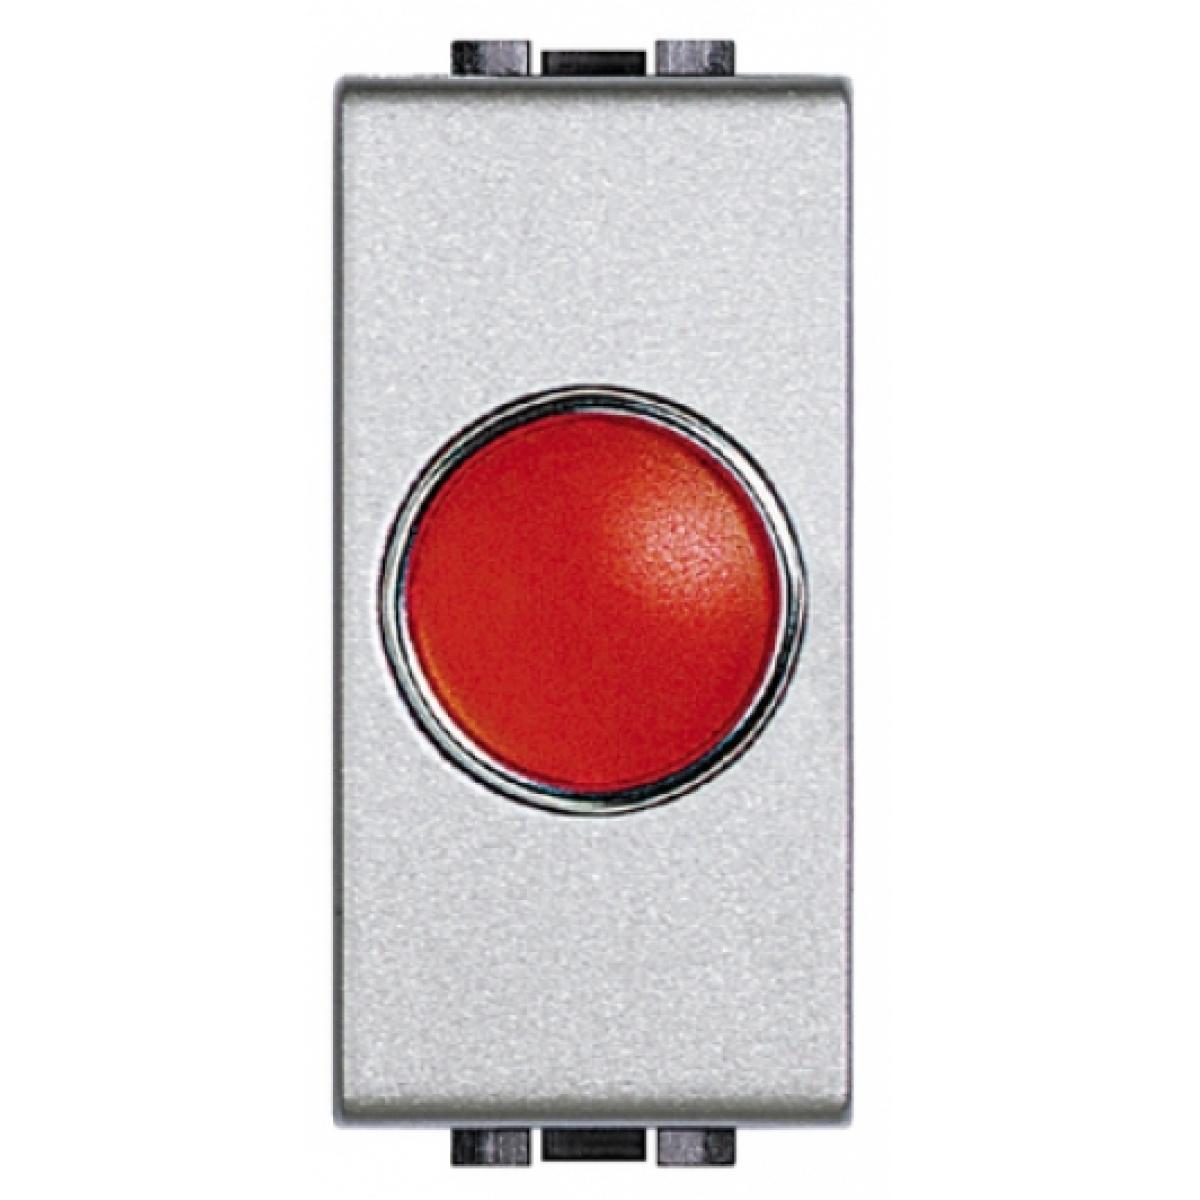 Portalampada Spia Rossa Bticino Living Light Tech NT4371R